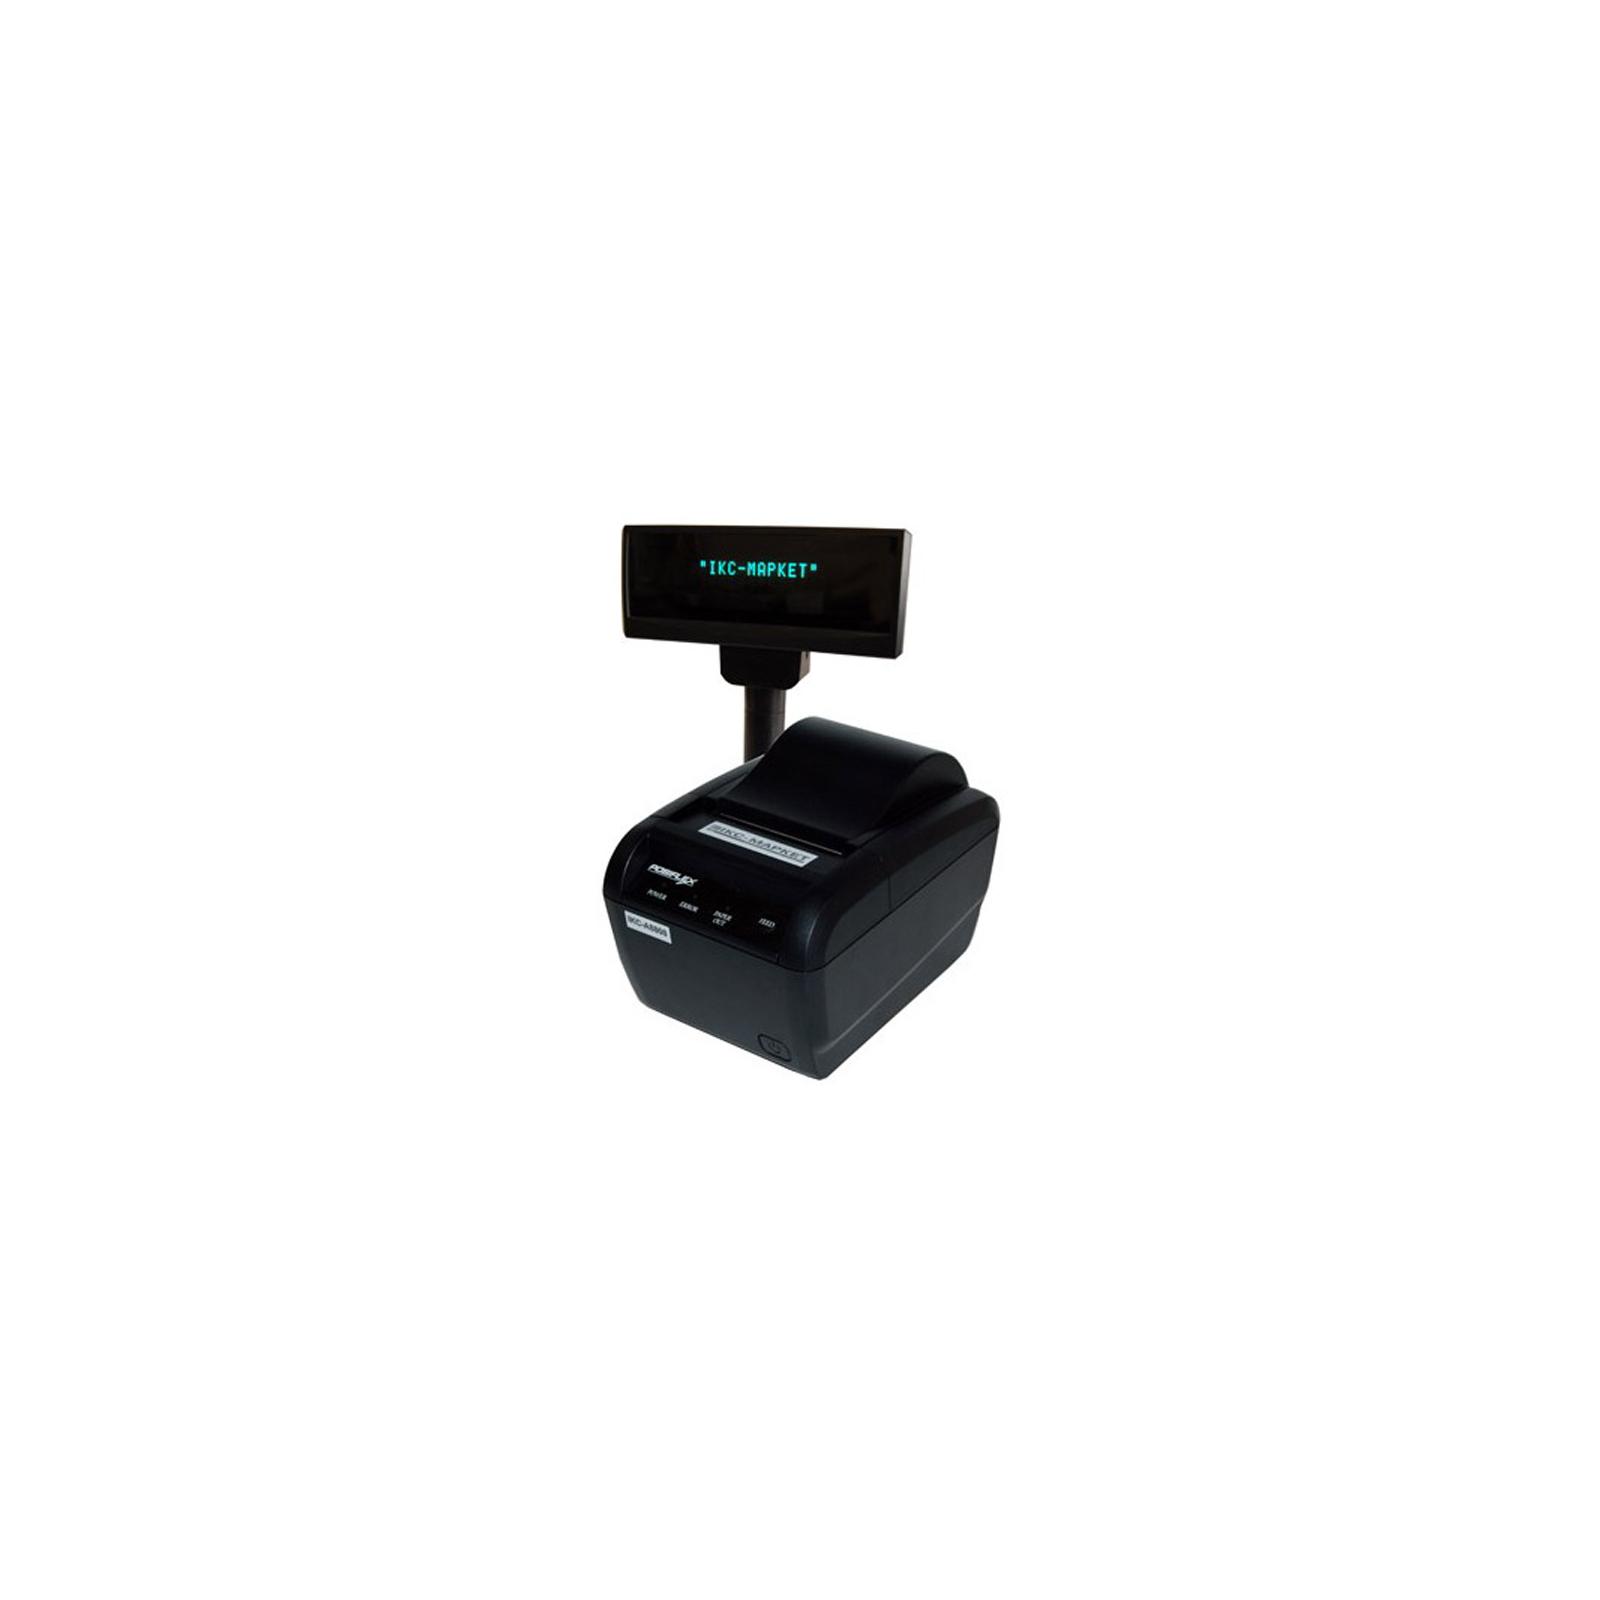 Фискальный регистратор ИКС-Маркет IKC-A8800 изображение 2